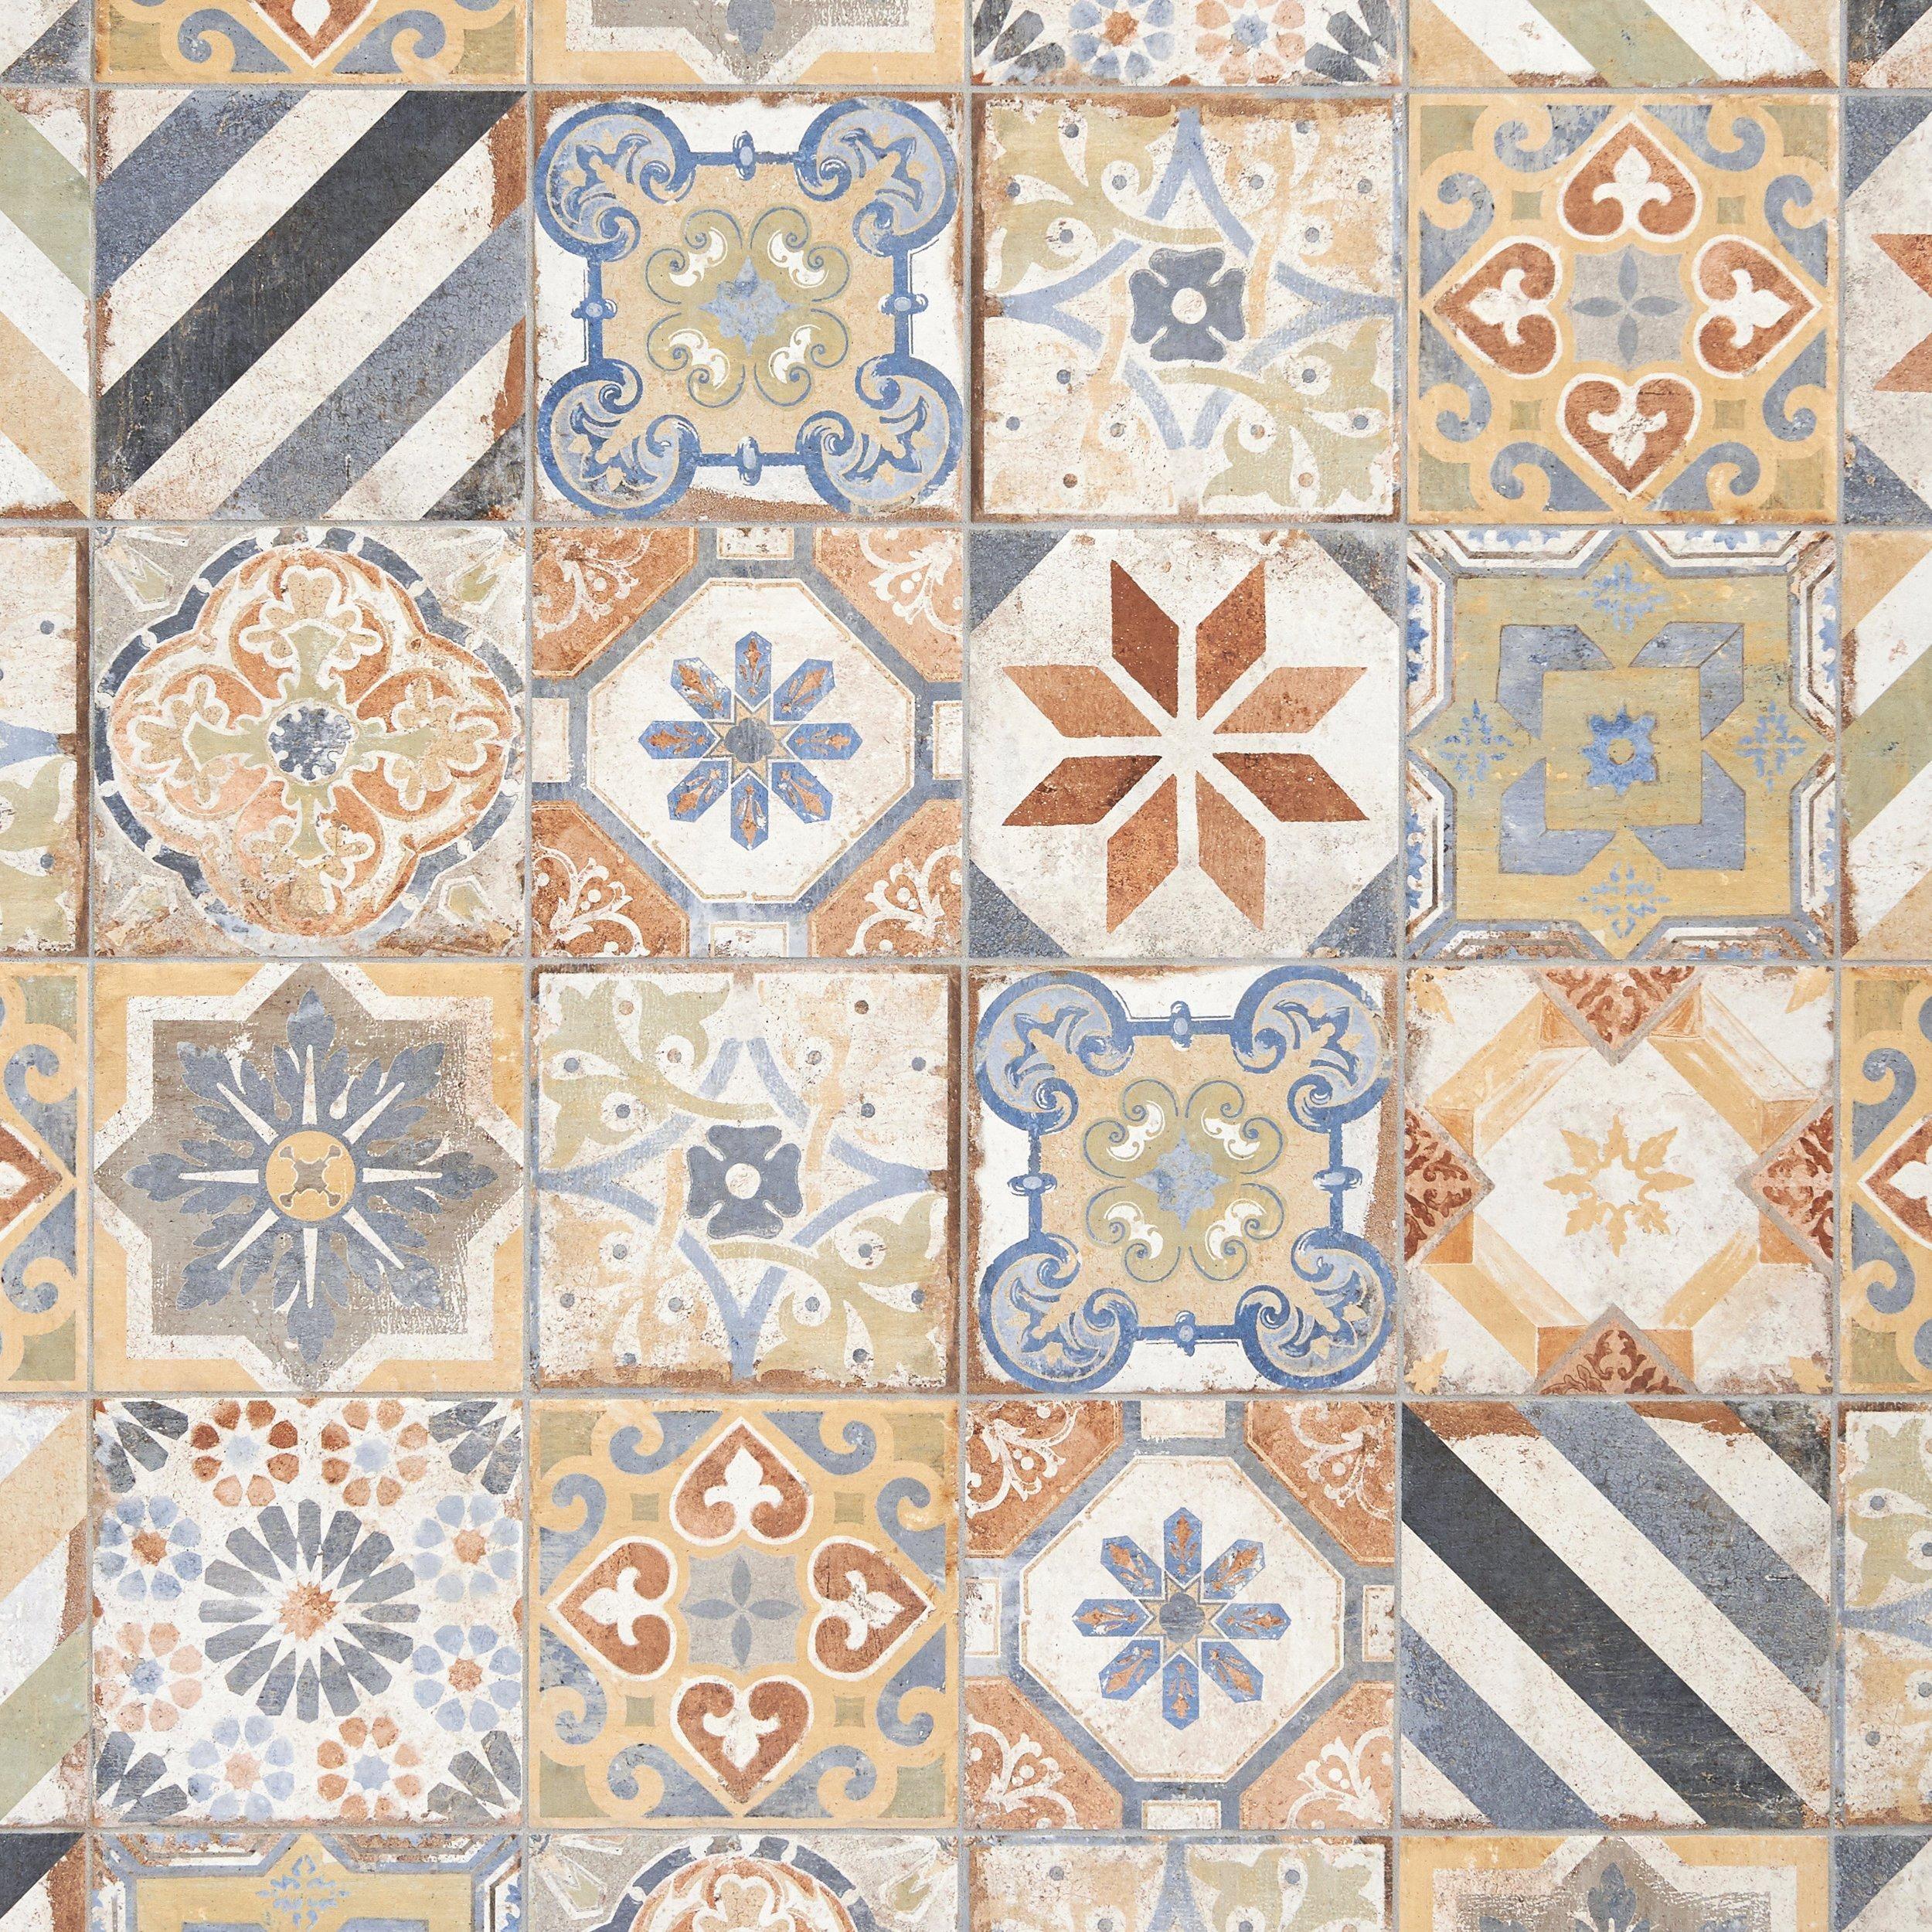 San Juan Deco Porcelain Tile Floor Decor Bathroom Floor Tile Small Grey Flooring Bathroom Floor Tiles